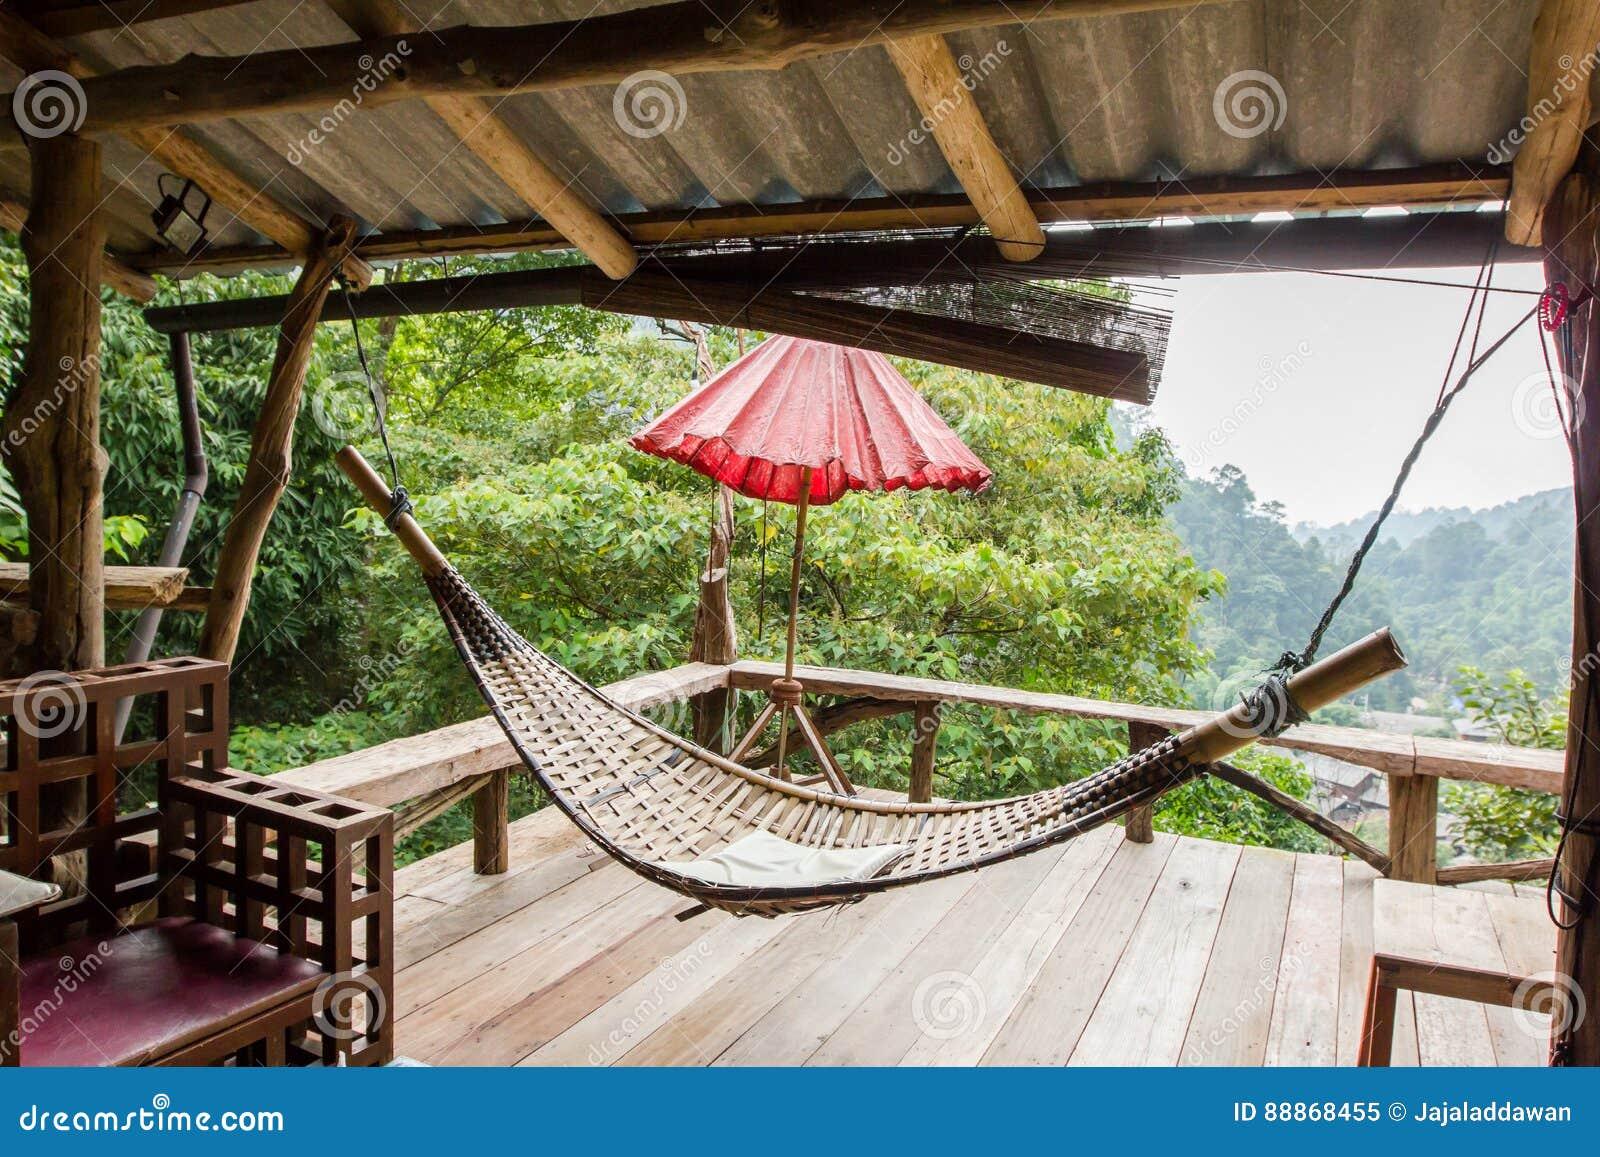 Hangmat Voor Buiten.Lege Houten Hangmat Buiten Het Terras Stock Afbeelding